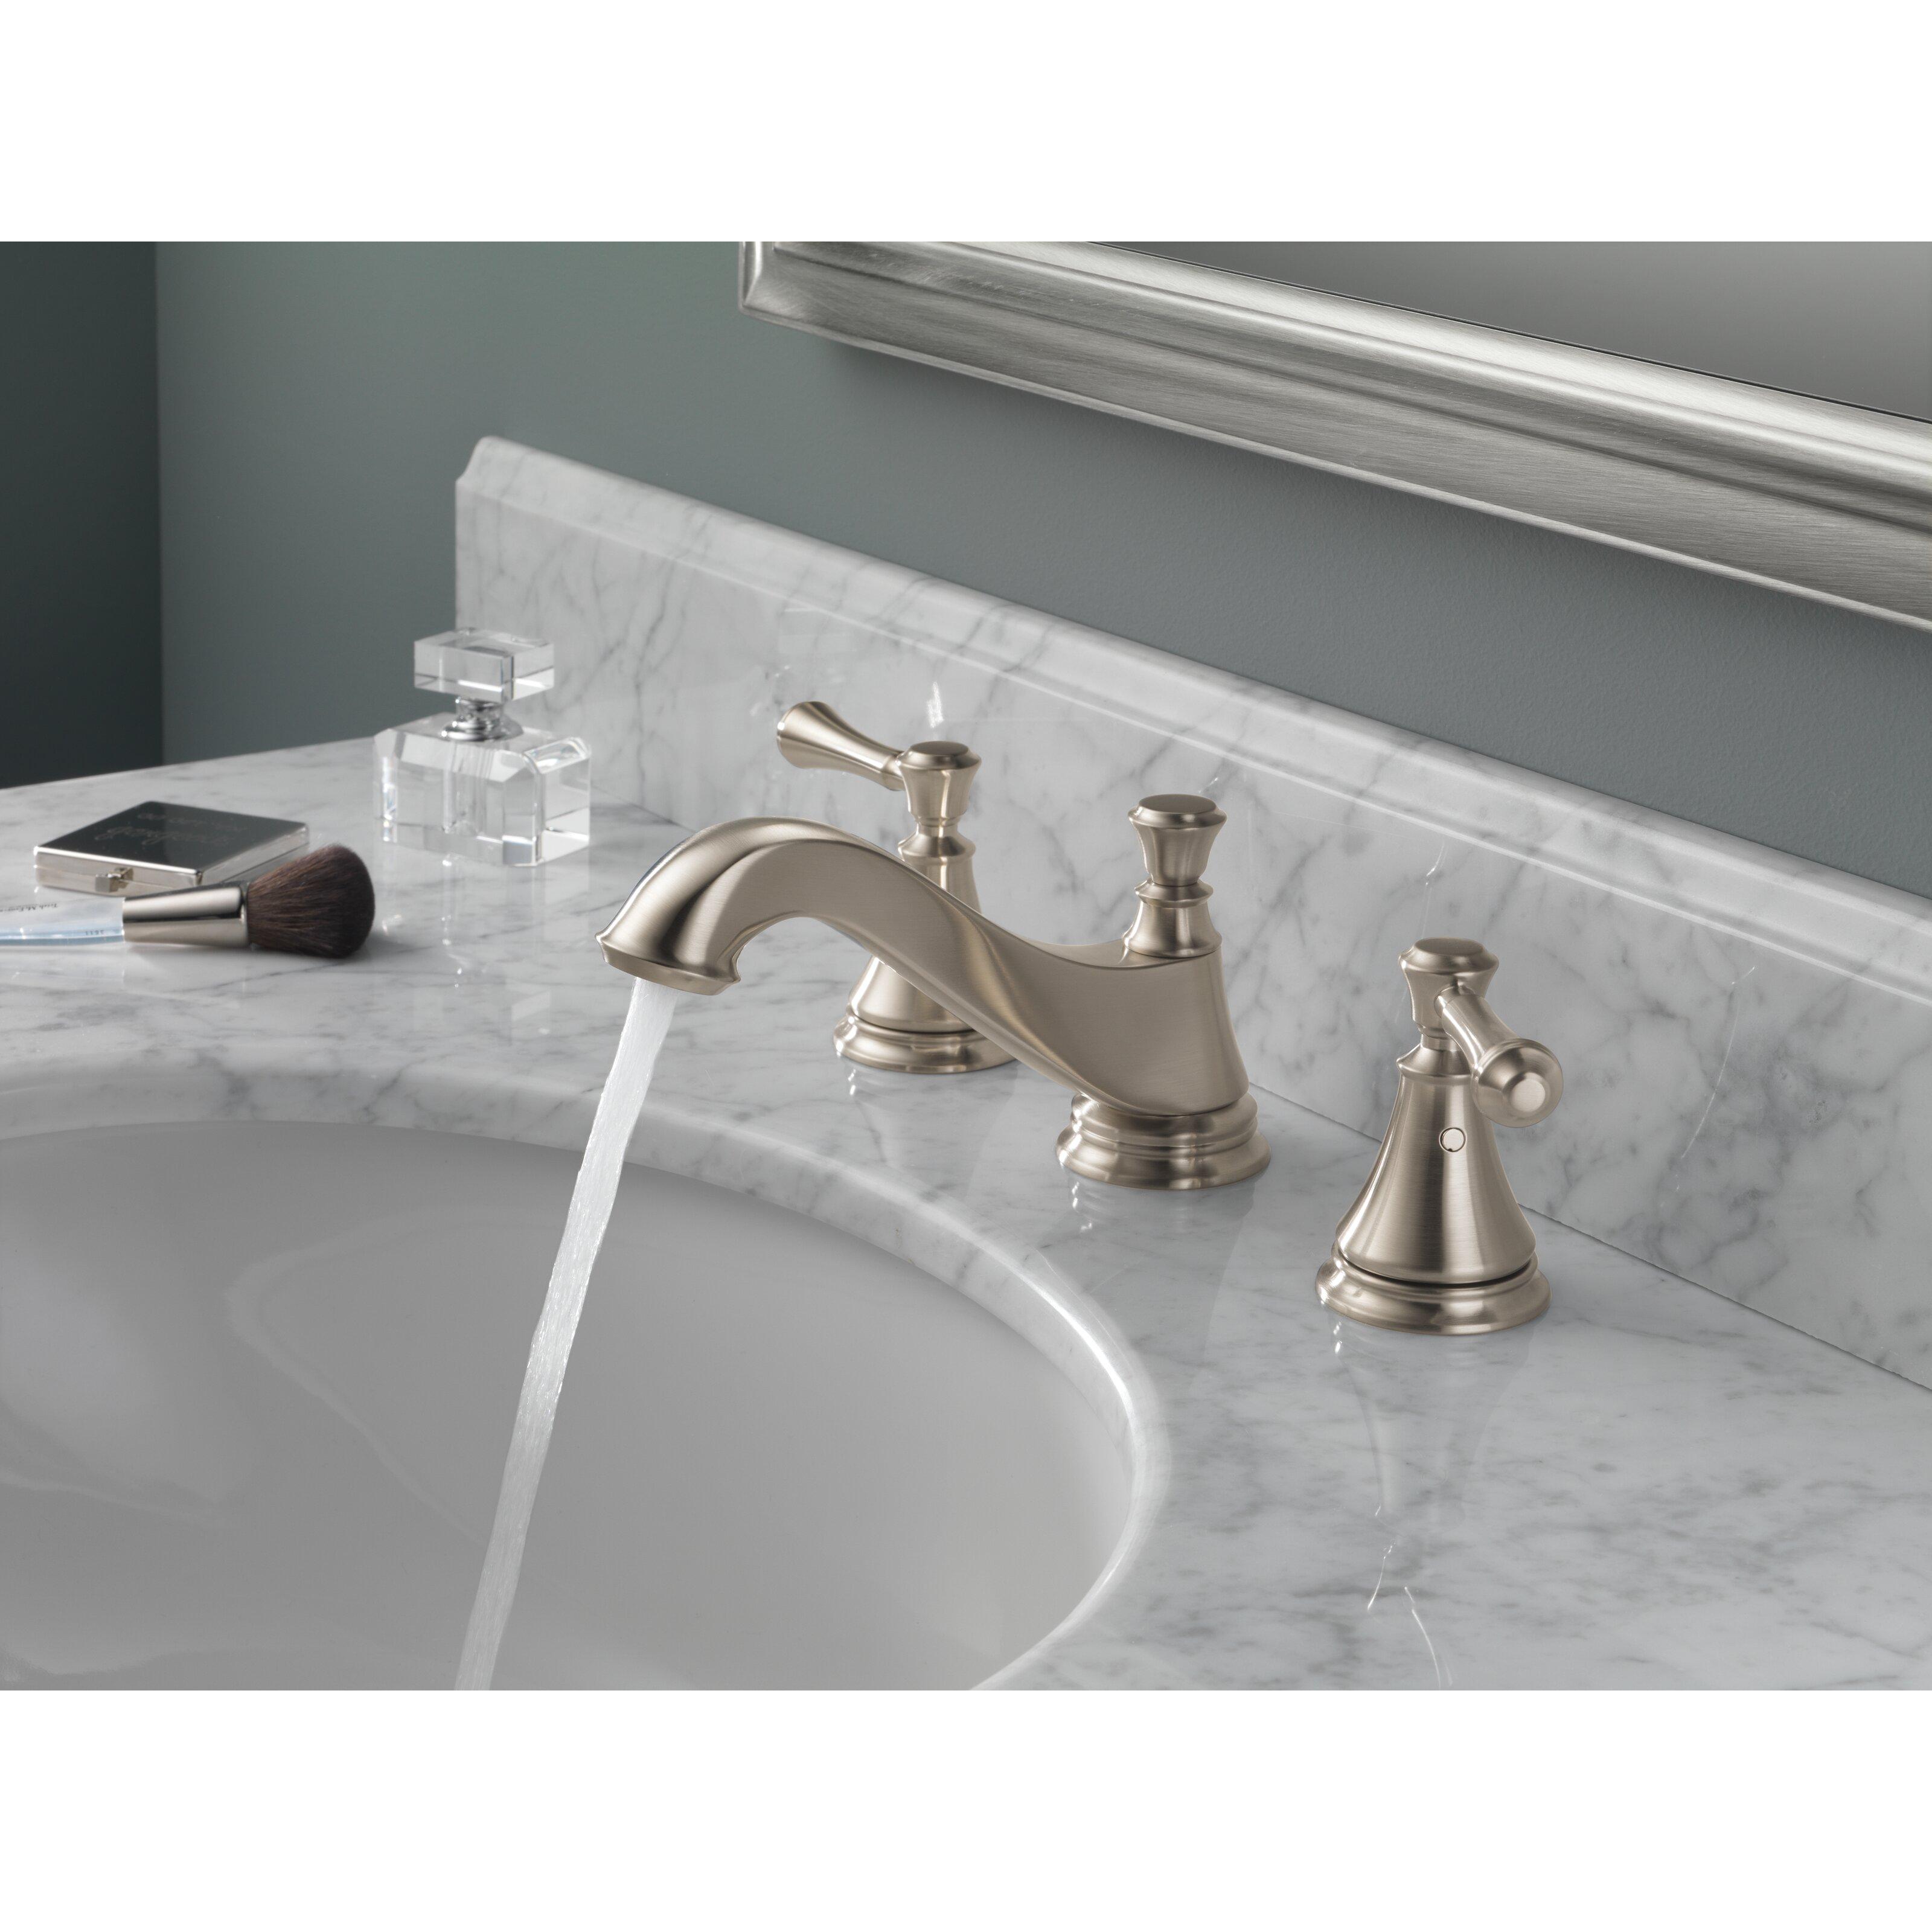 Delta Cassidy Double Handle Widespread Bathroom Faucet Reviews Wayfair